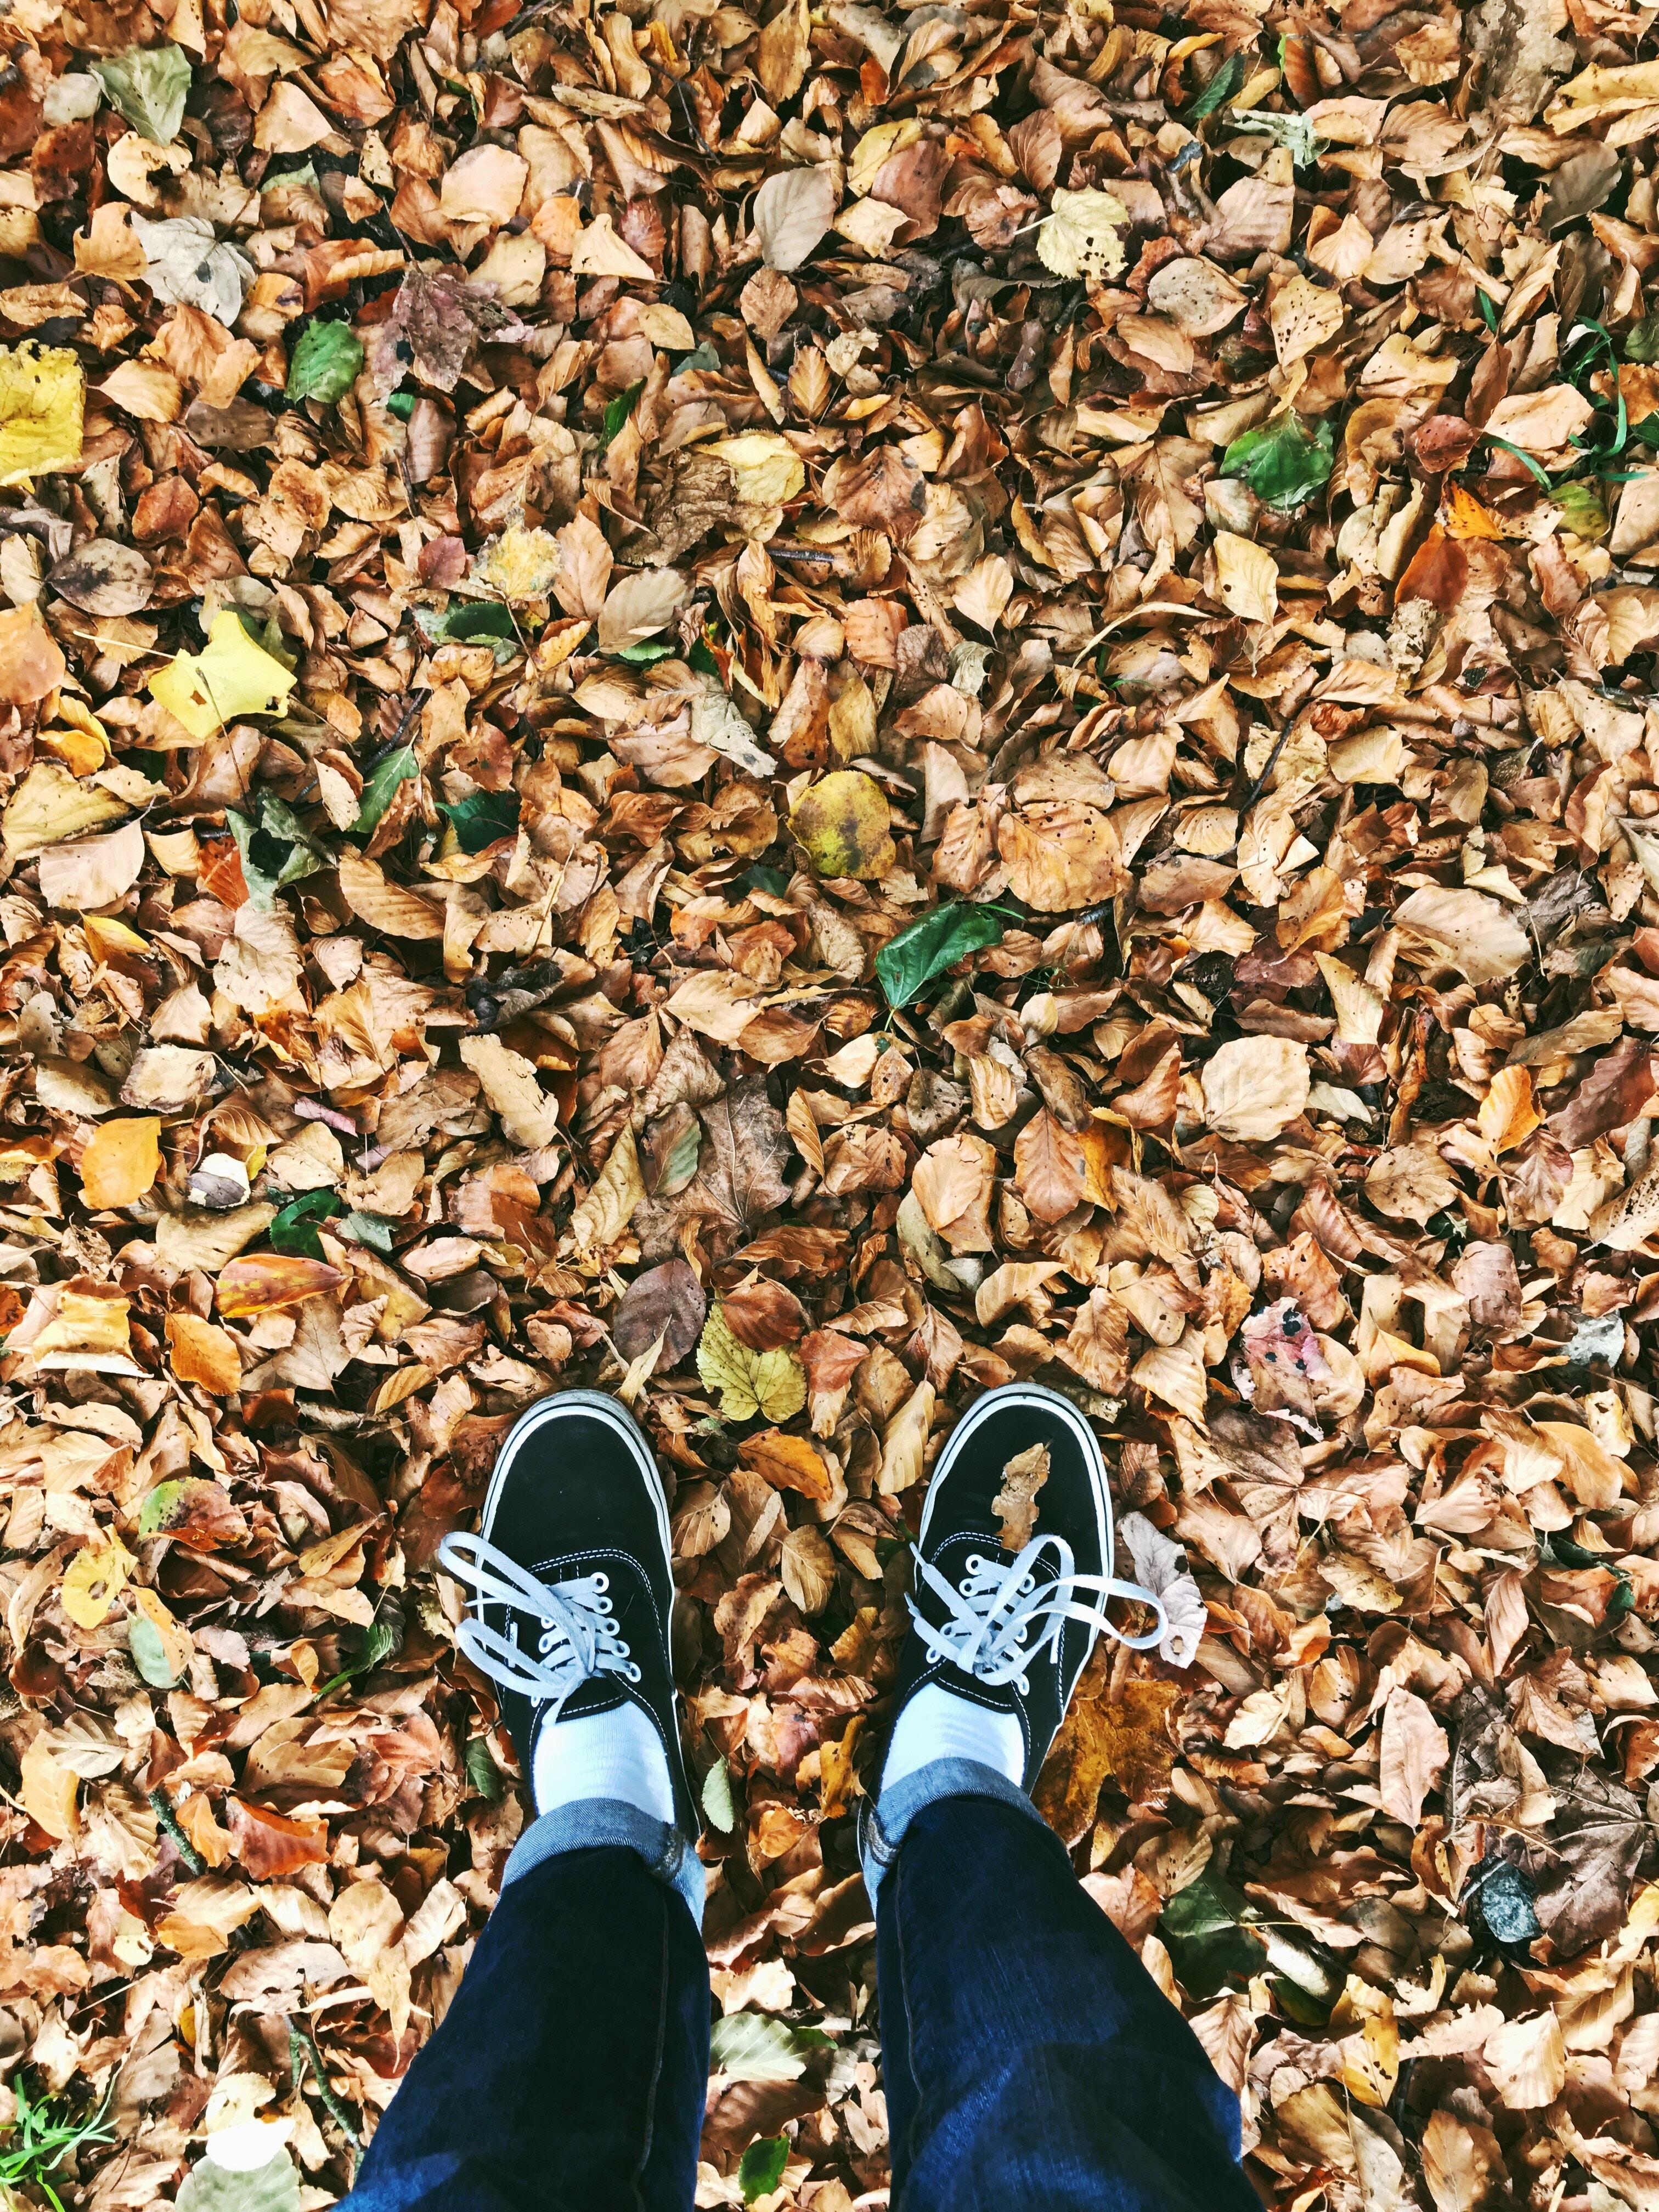 66604 скачать обои Разное, Осень, Ноги, Листва, Опавший - заставки и картинки бесплатно